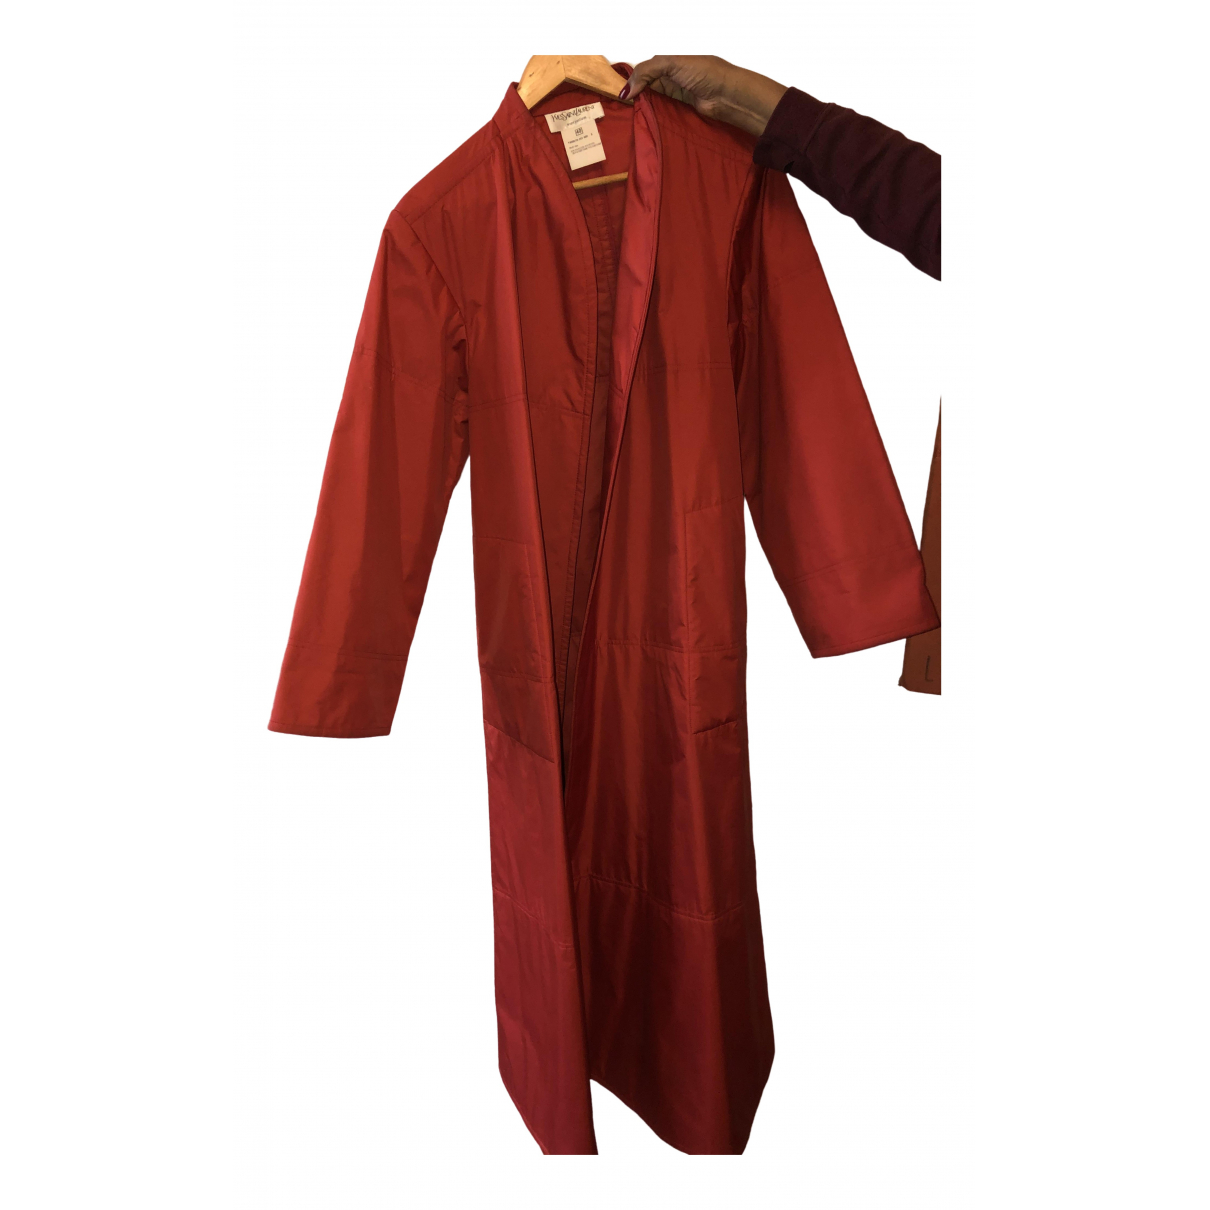 Yves Saint Laurent \N Red coat for Women 40 FR